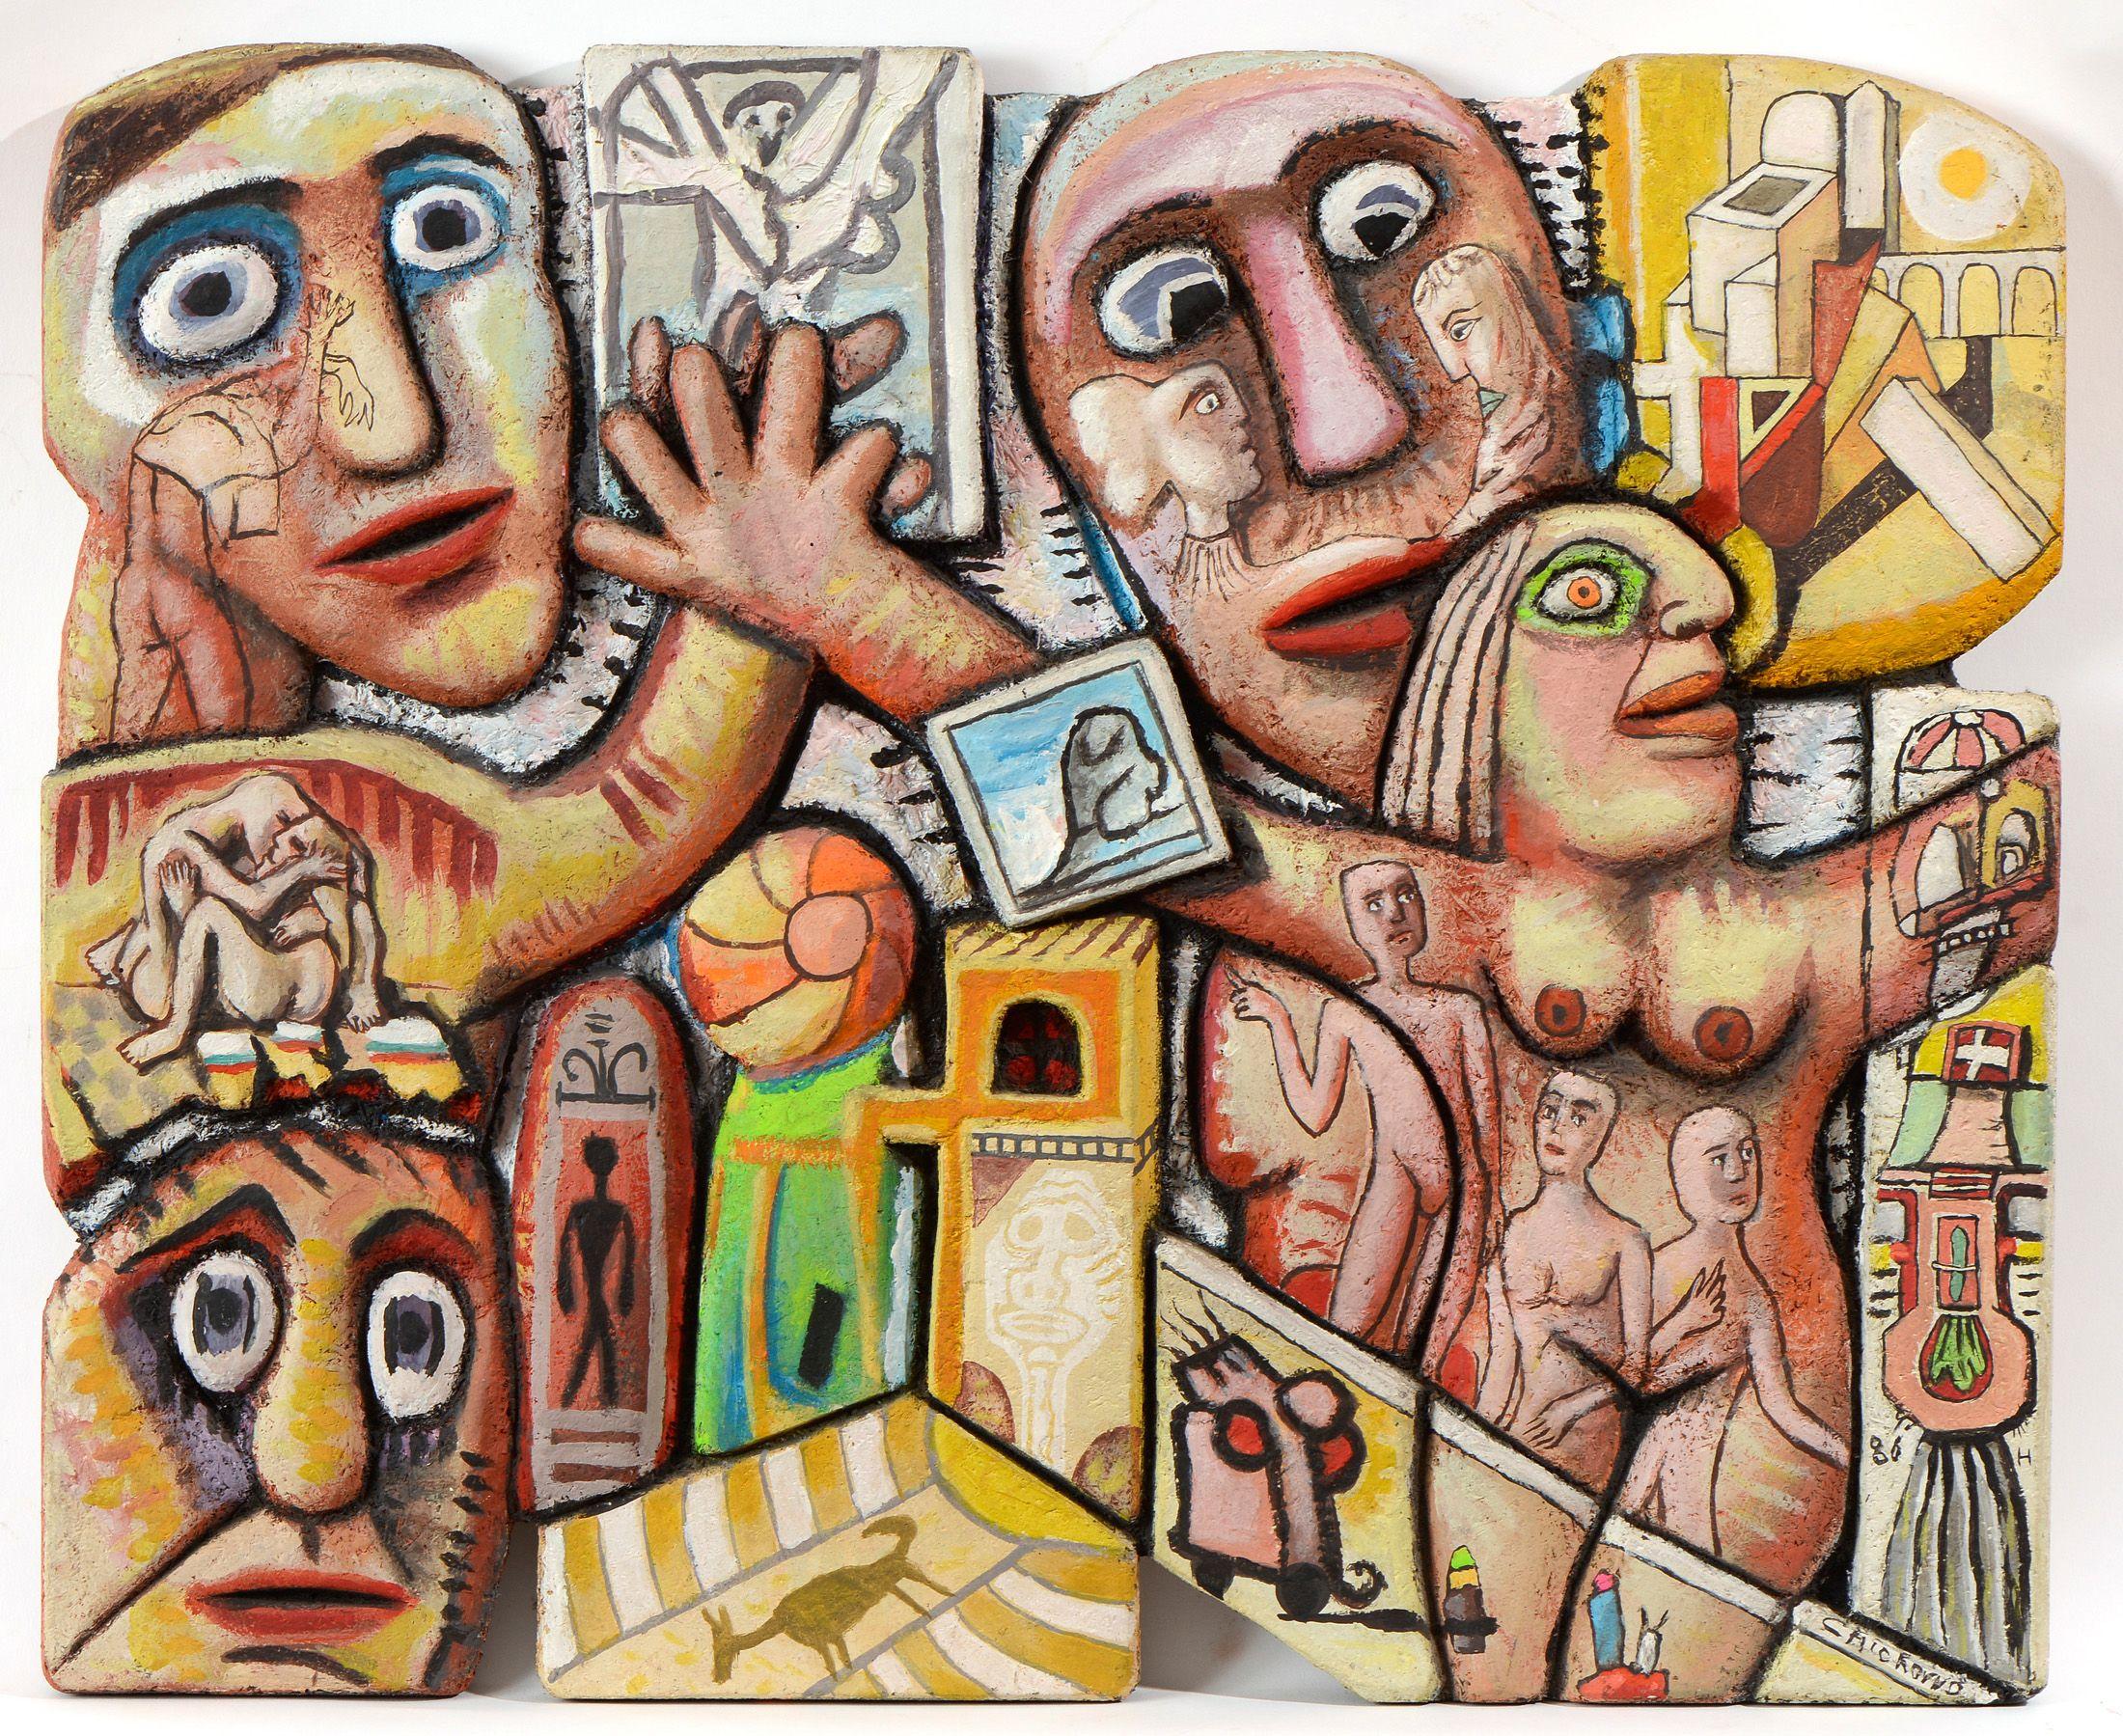 Lot 18  CHICHORRO Mario (1932) Rencontre, 1986  Huile sur sur panenau de bois aggloméré sculpté Signé et daté en bas à droite Titré au dos  H: 51.5 x L: 61.5 cm - #Auction #Contemporaryart #Art